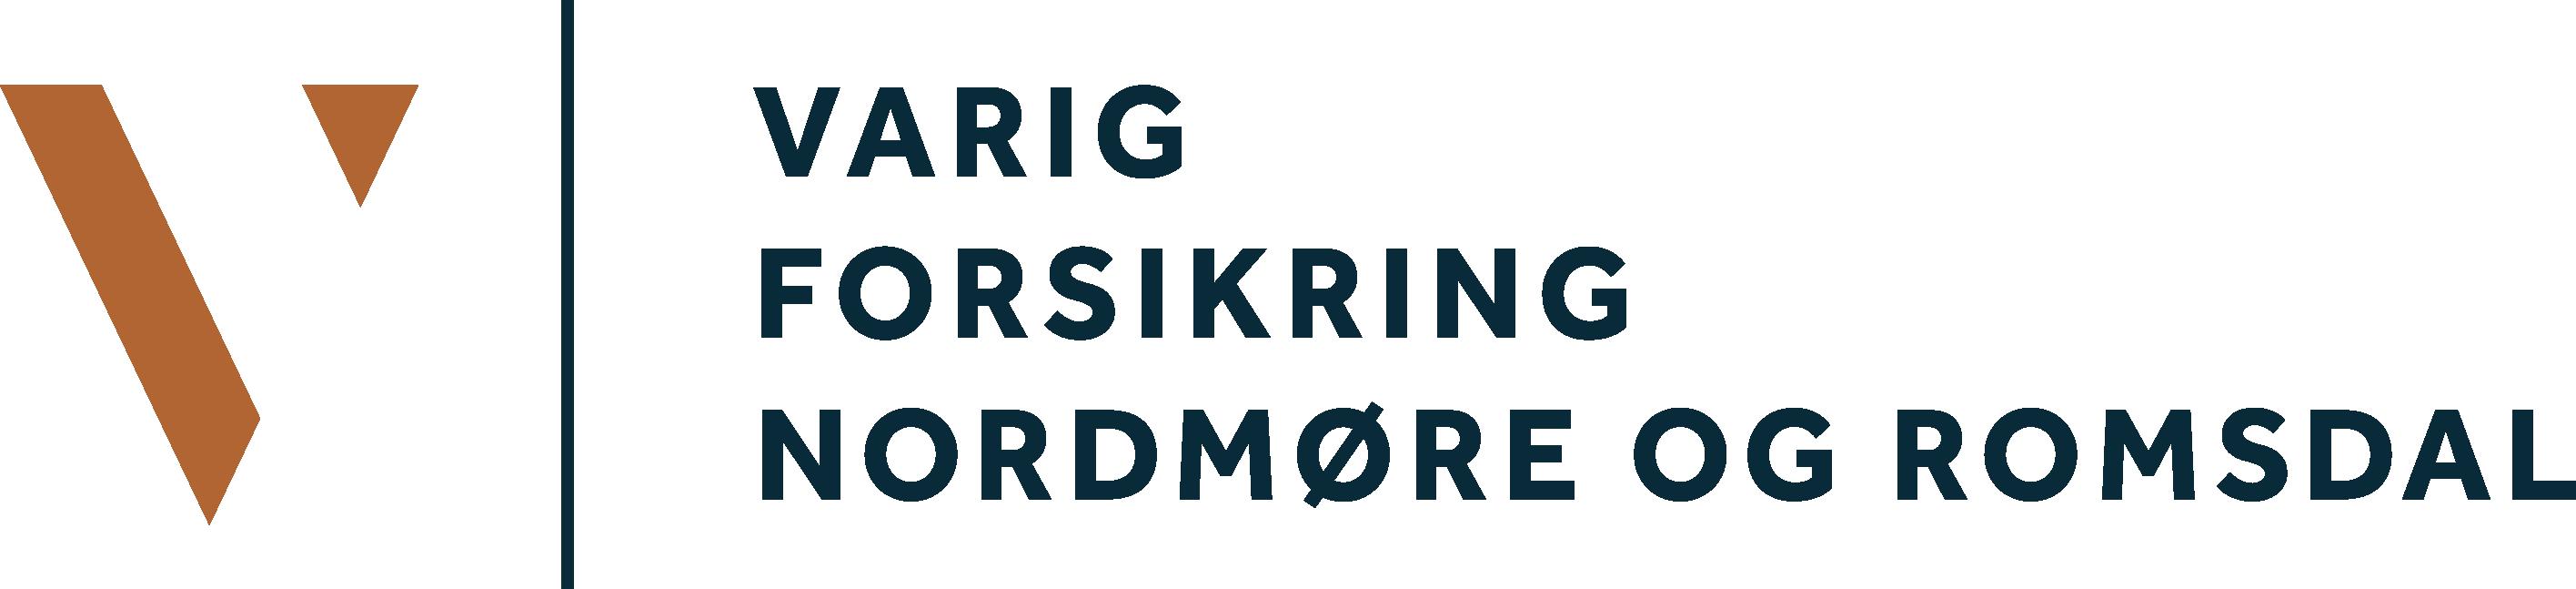 Varig Forsikring Nordmøre og Romsdal